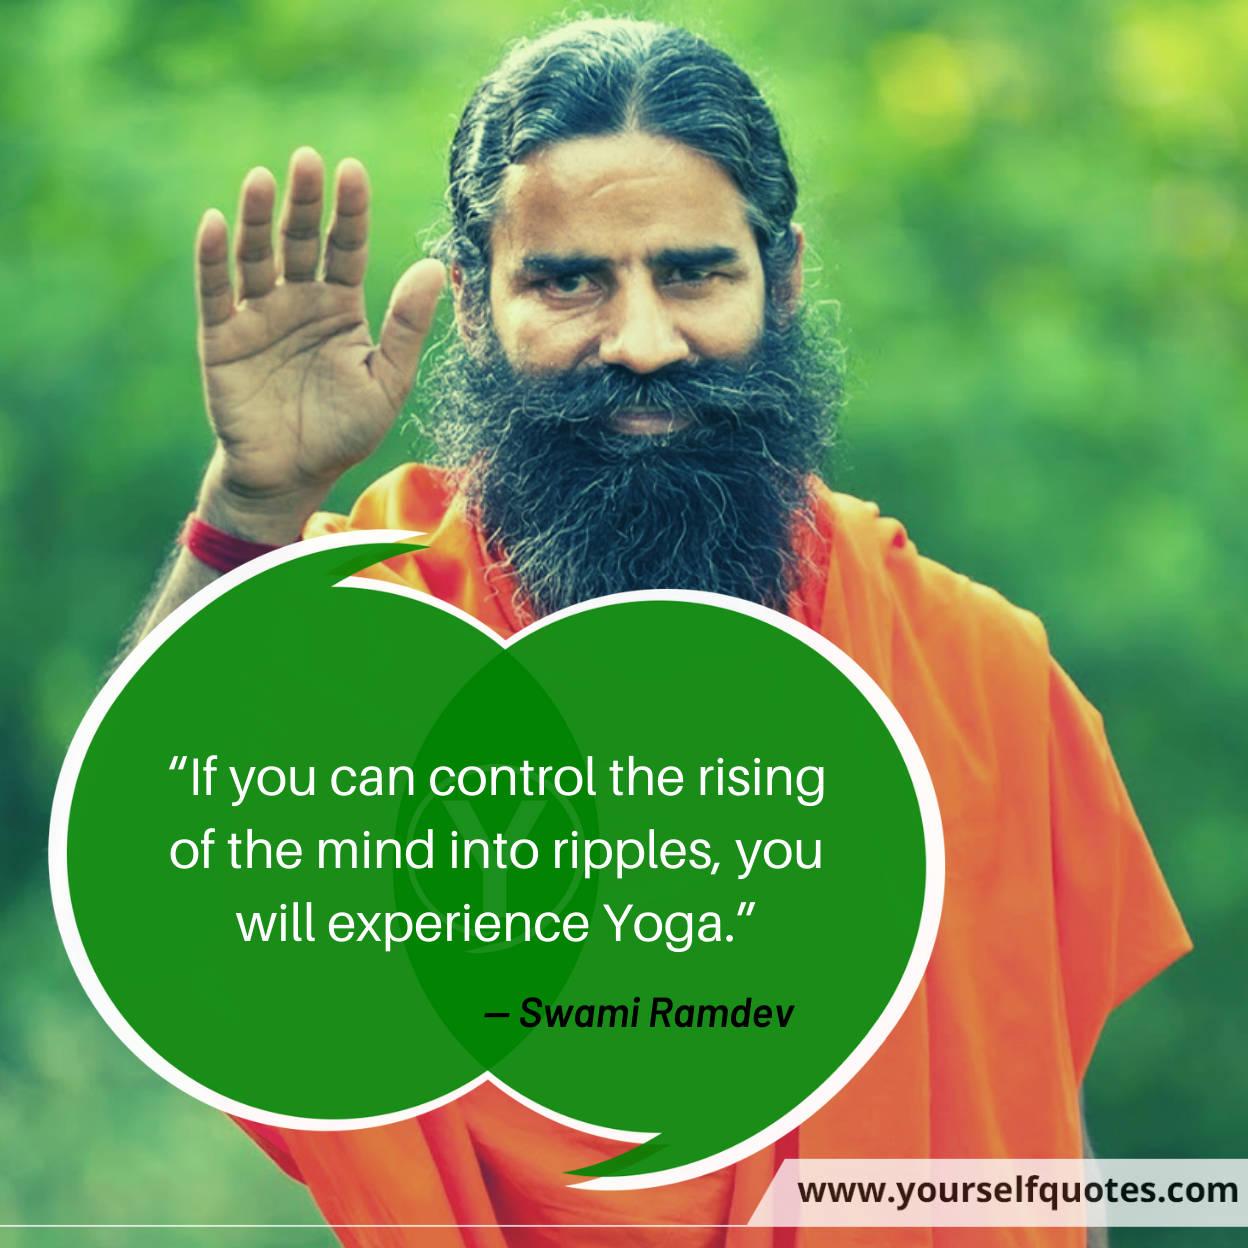 Swami Ramdev Baba Quotes Image